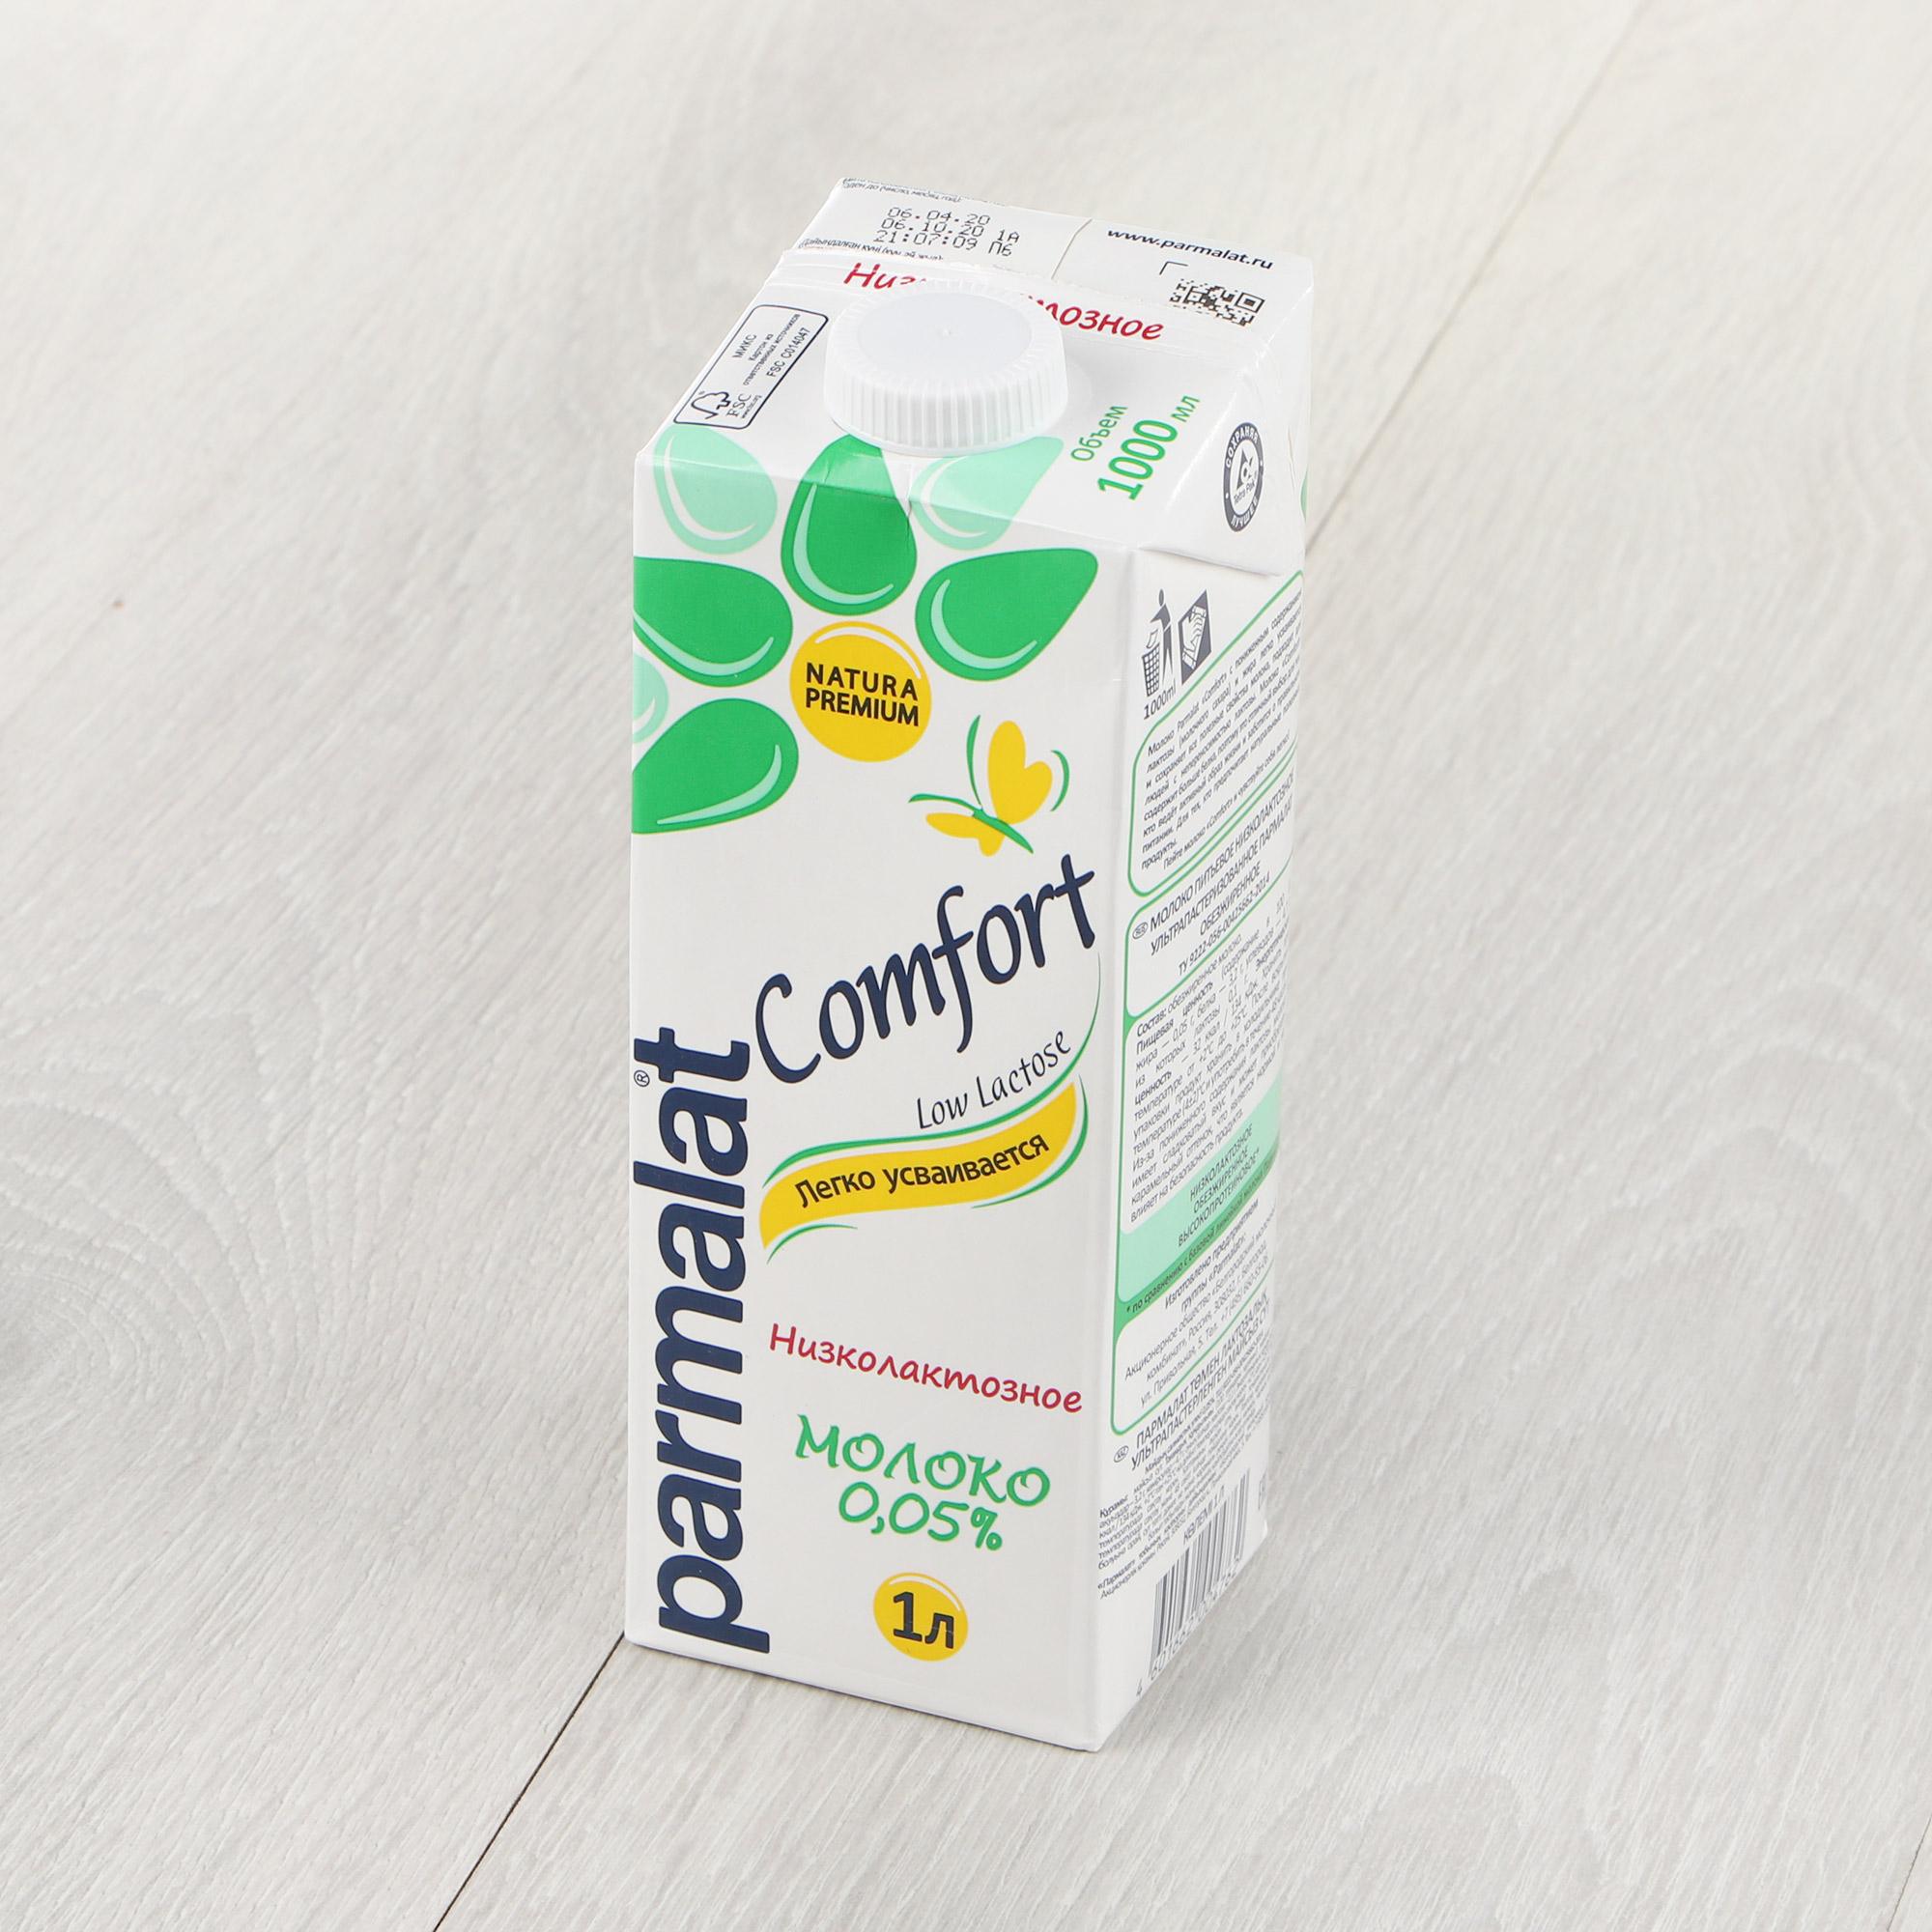 Фото - Молоко Parmalat Natura Premium Low Lactose ультрапастеризованное 0,05% 1 л молоко элакто ультрапастеризованное 3 2% 1 л